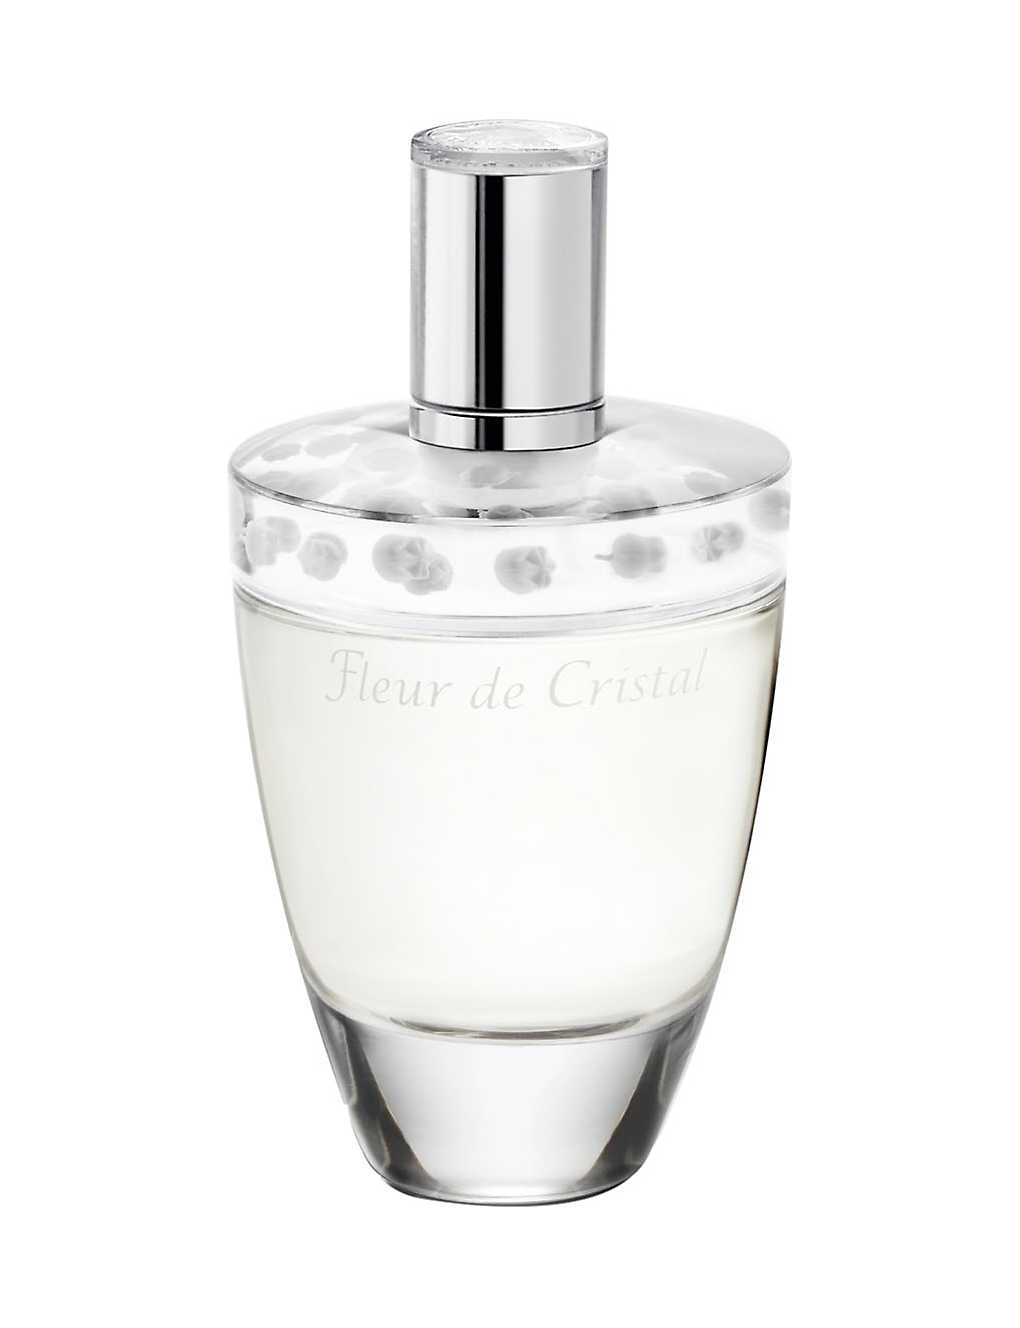 lalique - fleur de cristal eau de parfum | selfridges